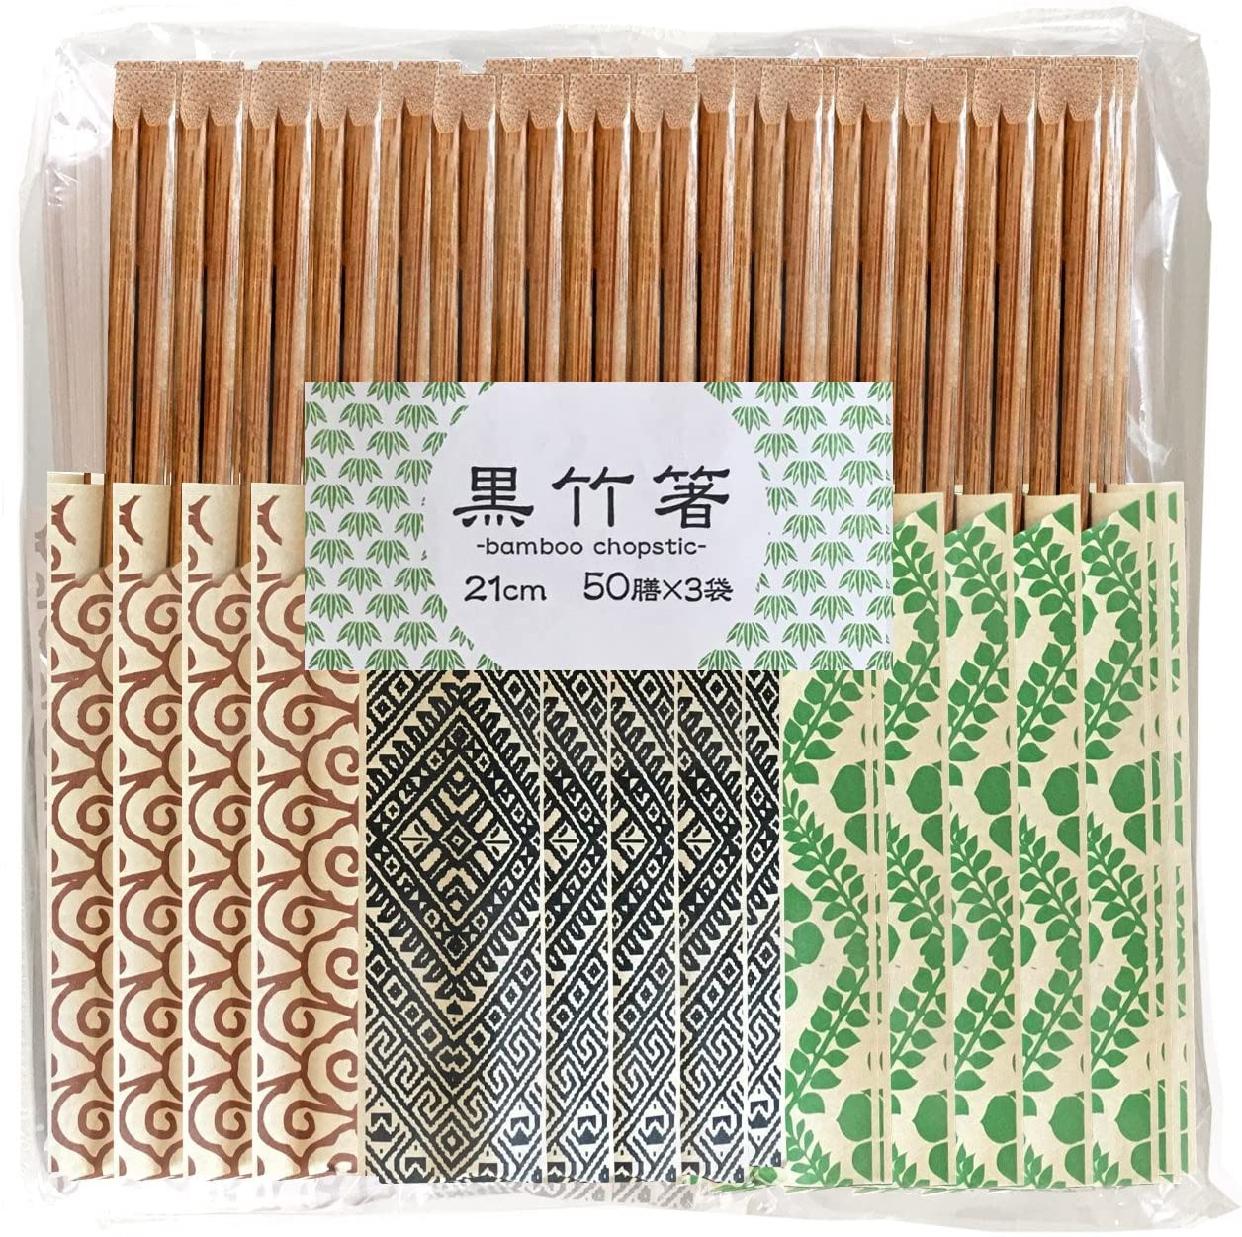 KIRKLAND(カークランド)黒竹箸 21cm 50膳×3パック 536431の商品画像